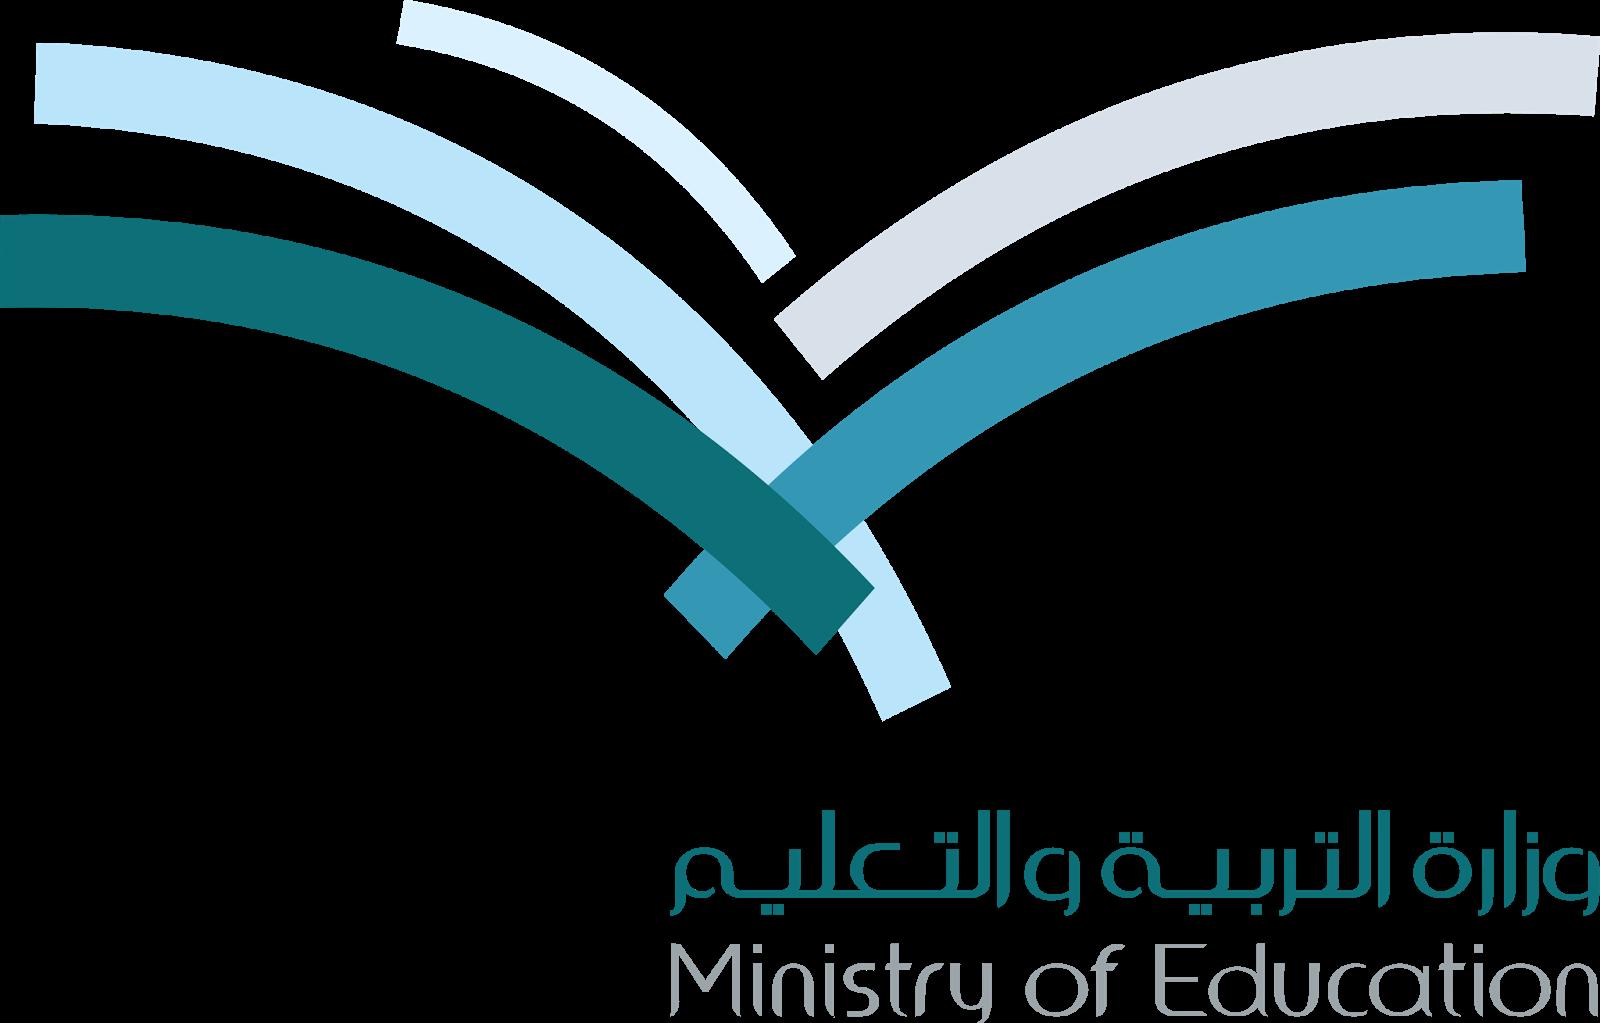 موعد بدء العام الدراسي الجديد السعودية 1442